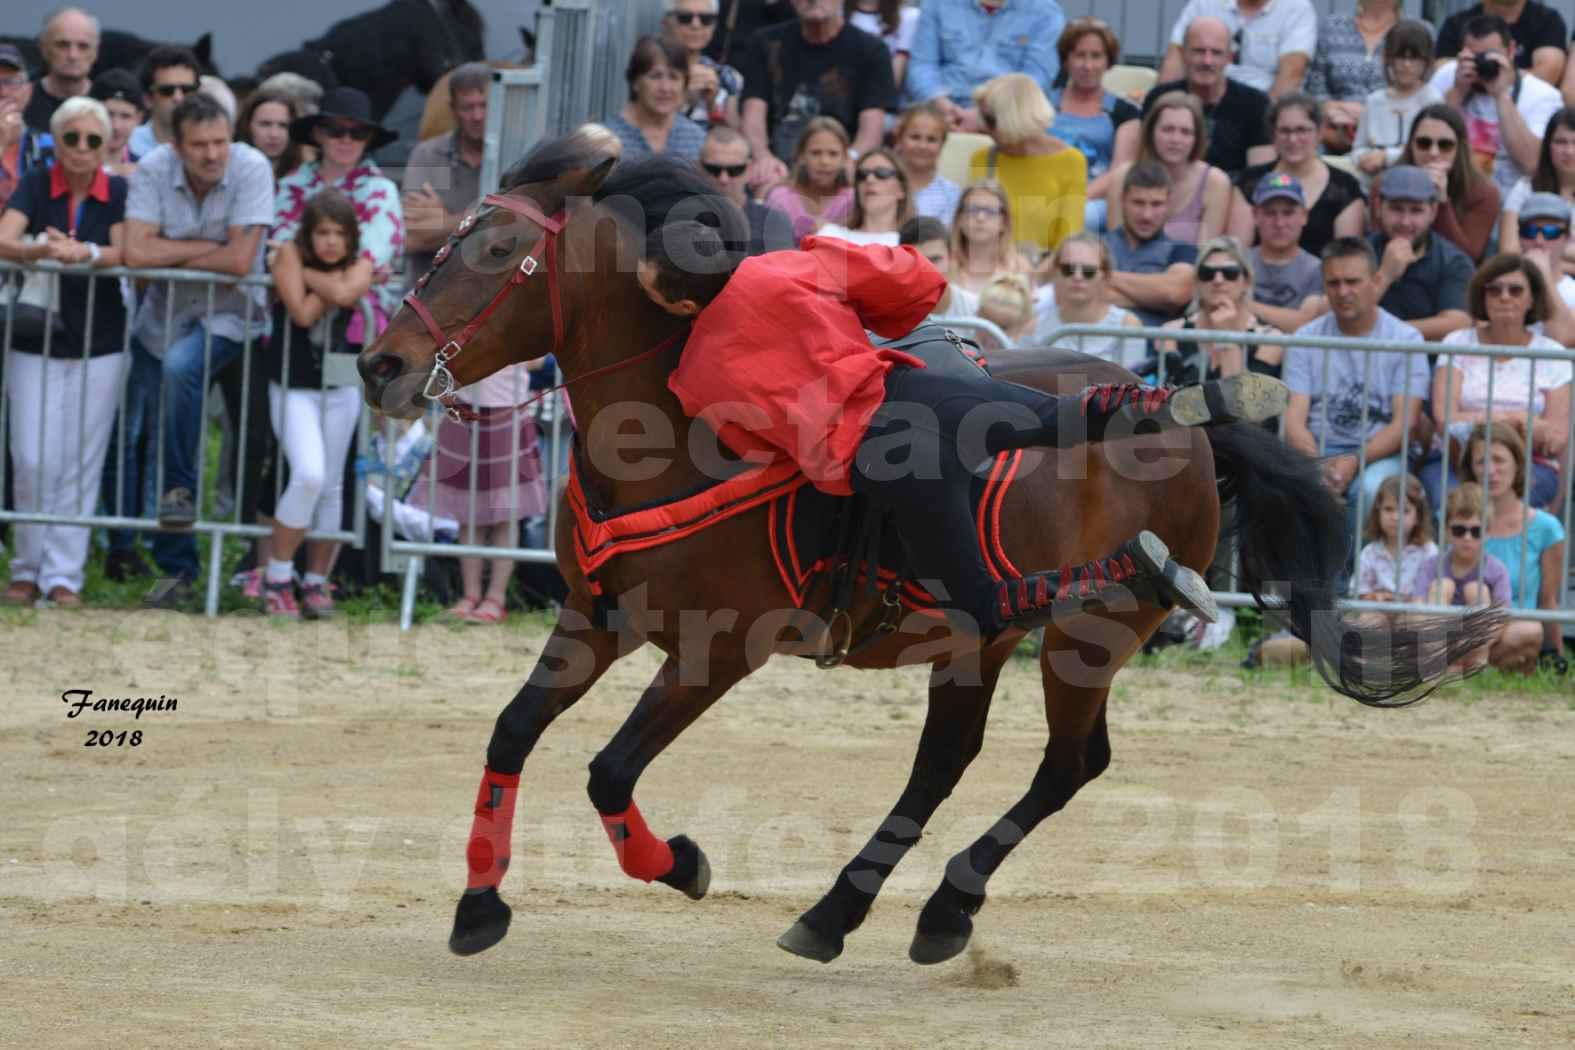 Spectacle Équestre le 3 juin 2018 à Saint Gély du Fesc - Voltige équestre - Troupe de Jean Antoine FIRMIN - 69